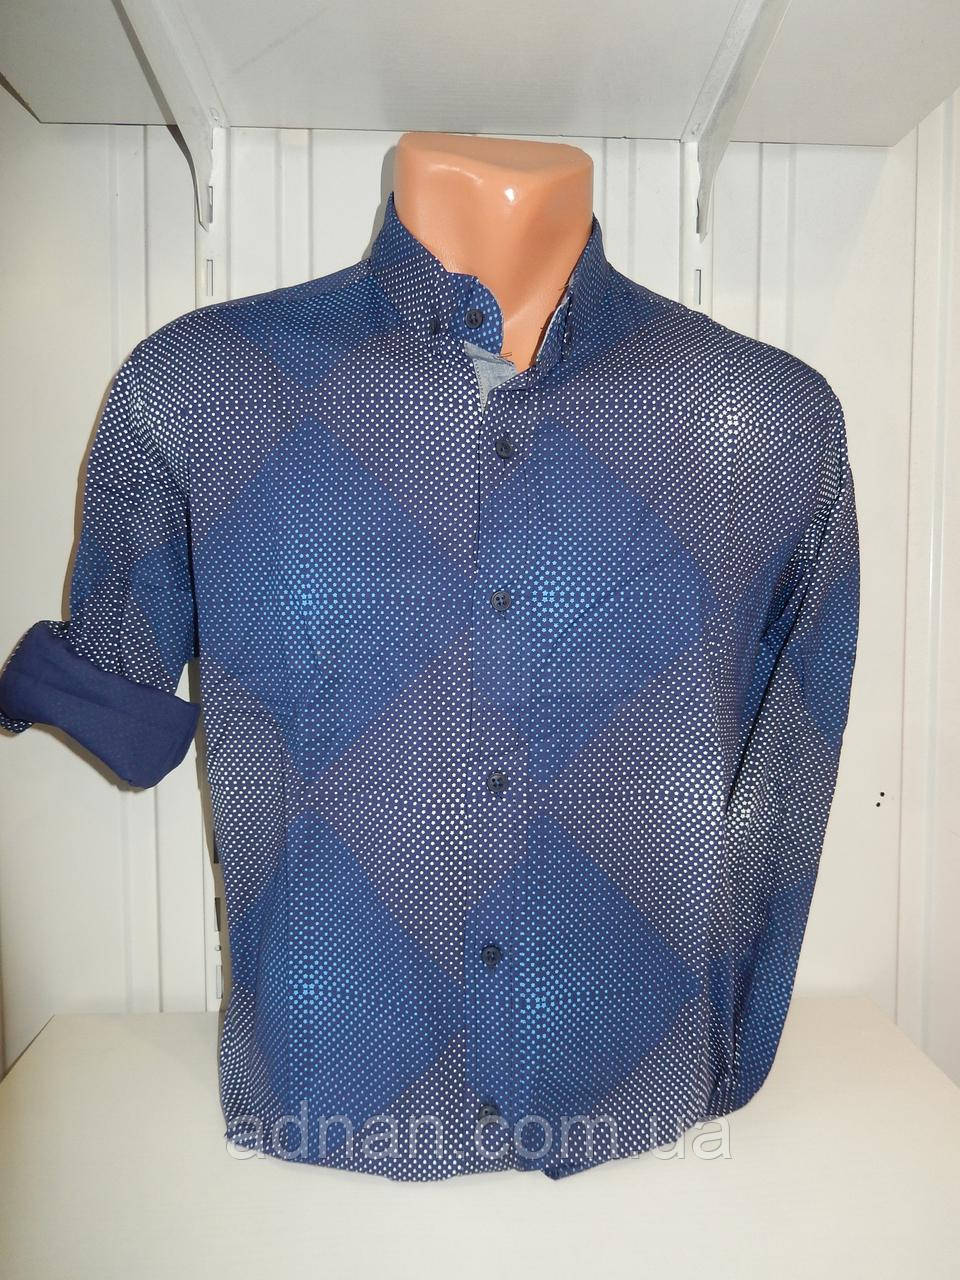 Рубашка мужская, рукав трансформер, мелкий узор, стрейч 002 \ купить рубашку